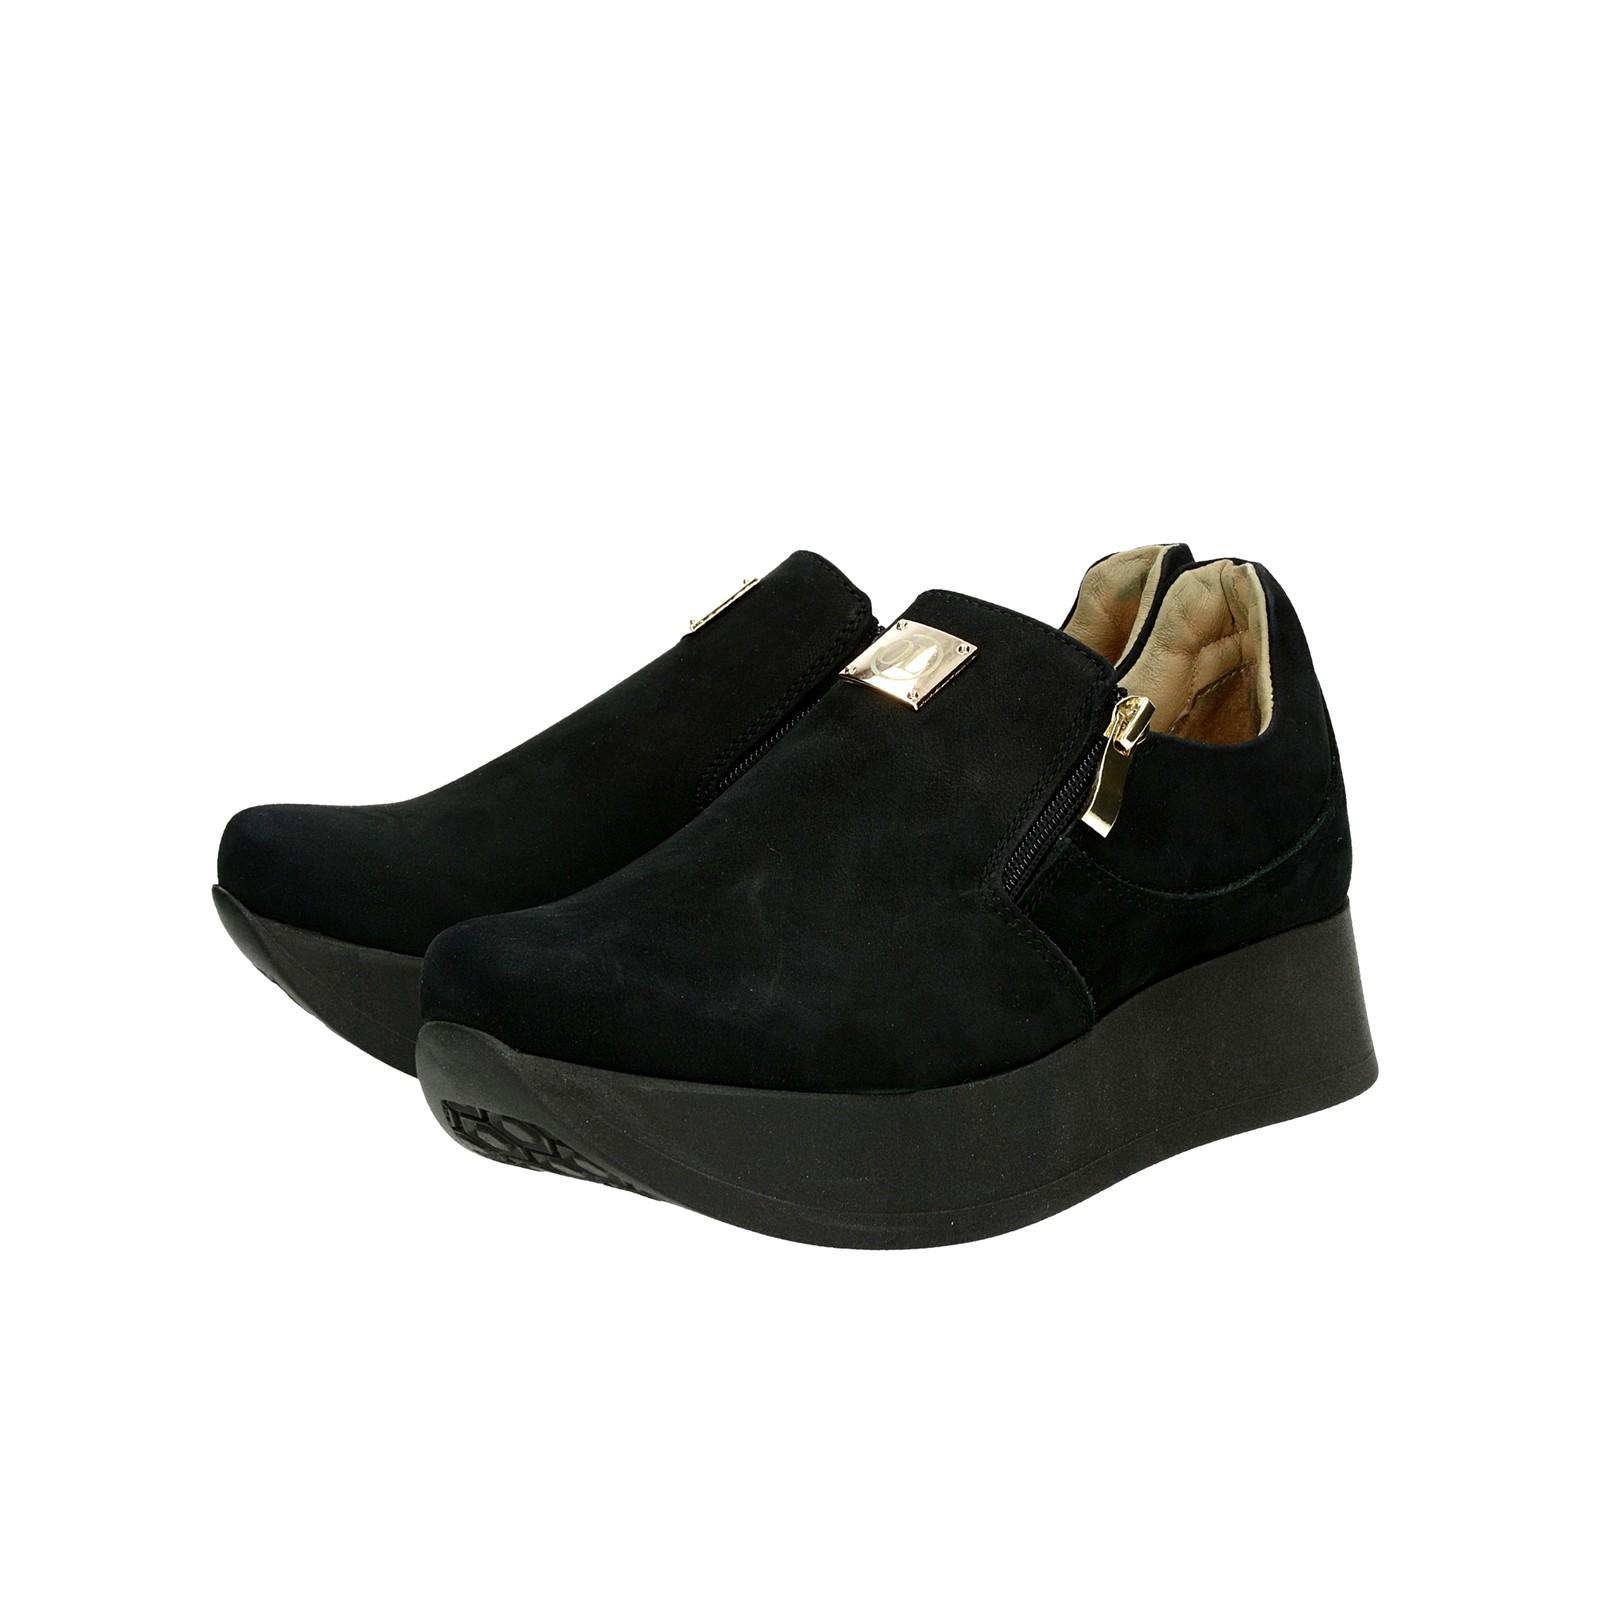 b0f76896562c ... Olivia shoes dámske nubukové poltopánky na platforme - čierne ...